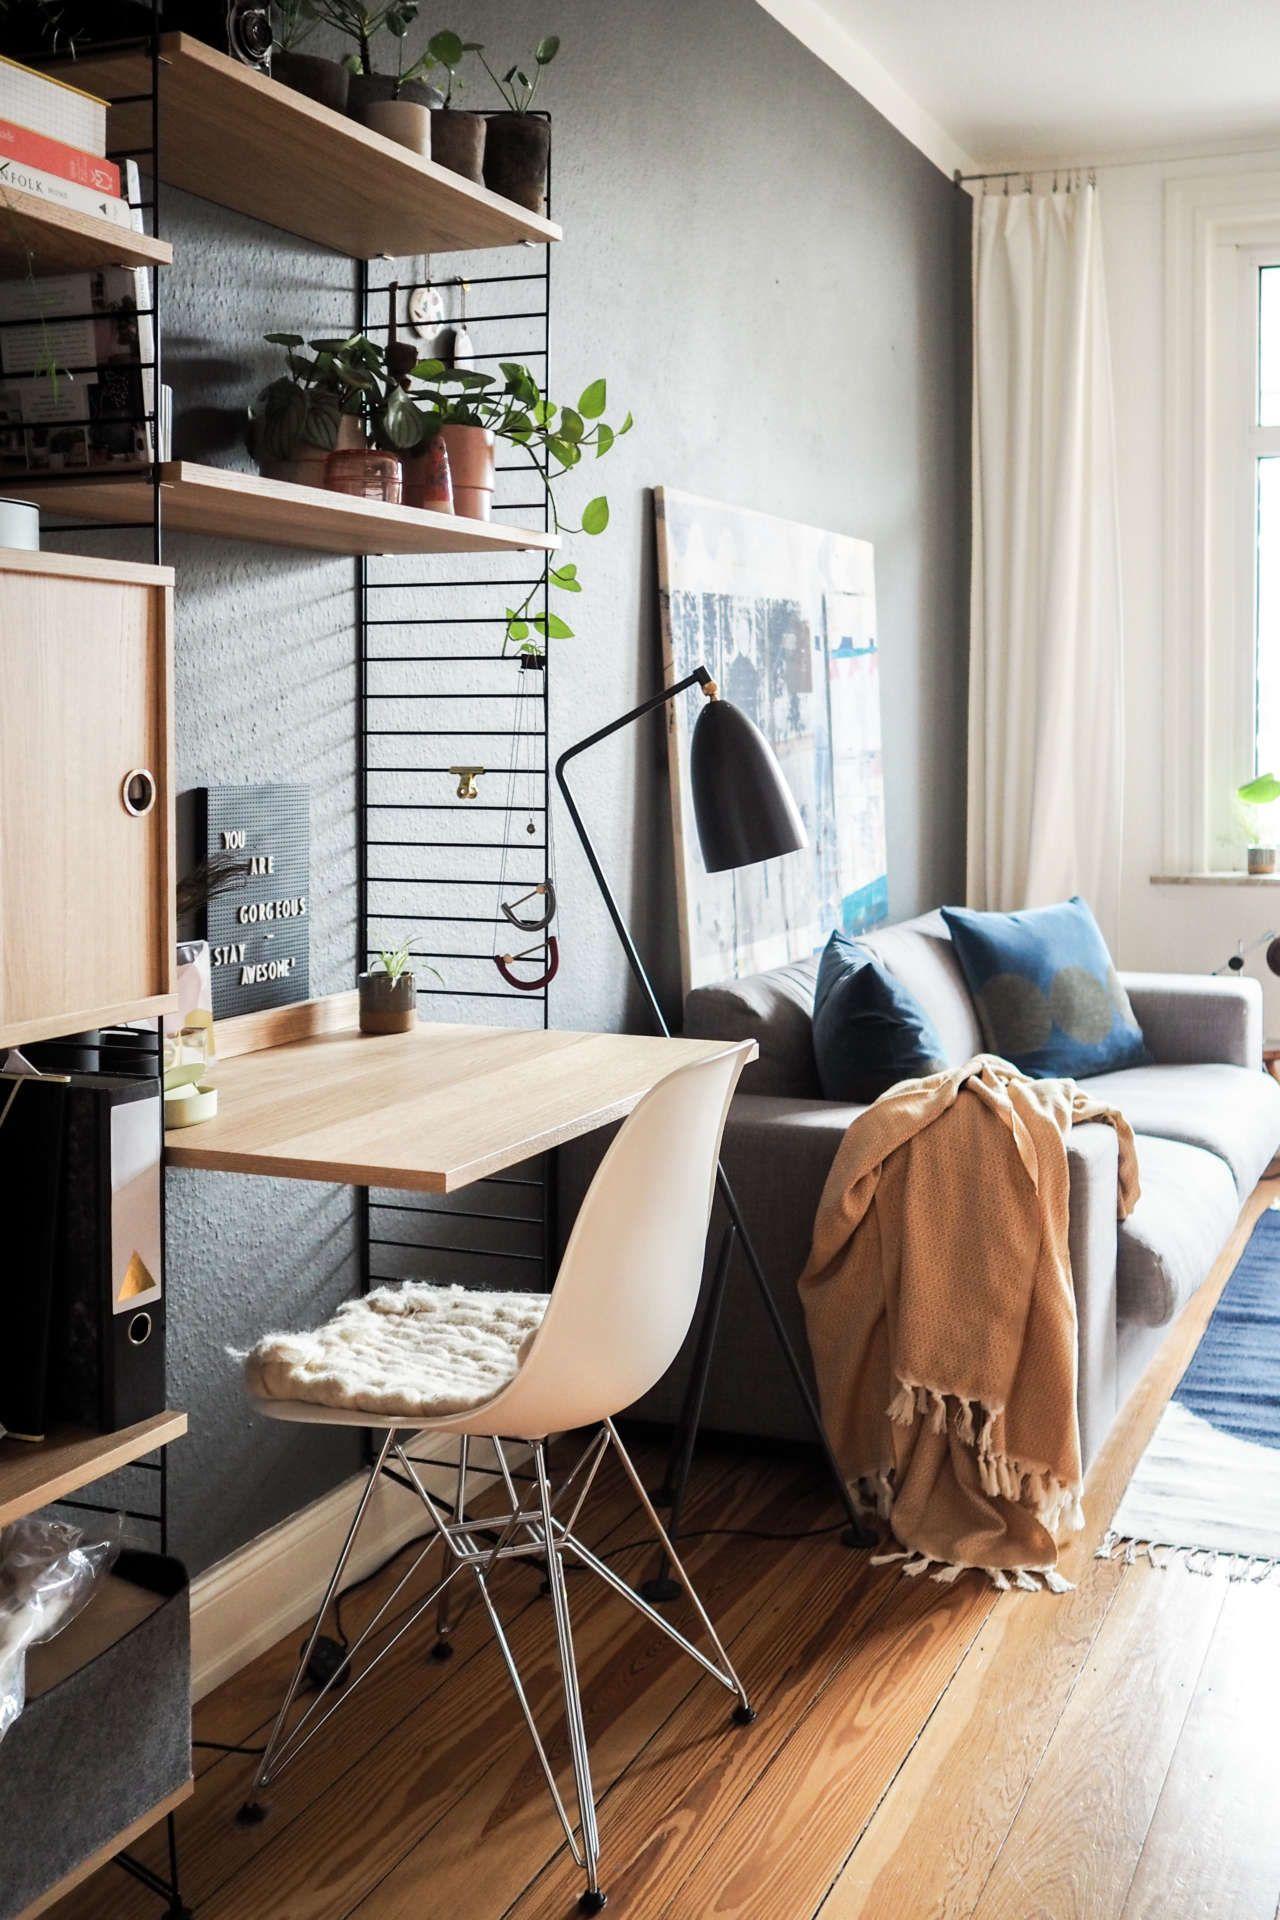 Mein Zuhause: Ein Wohnzimmer-Update | Pinterest | Interiors, Living ...